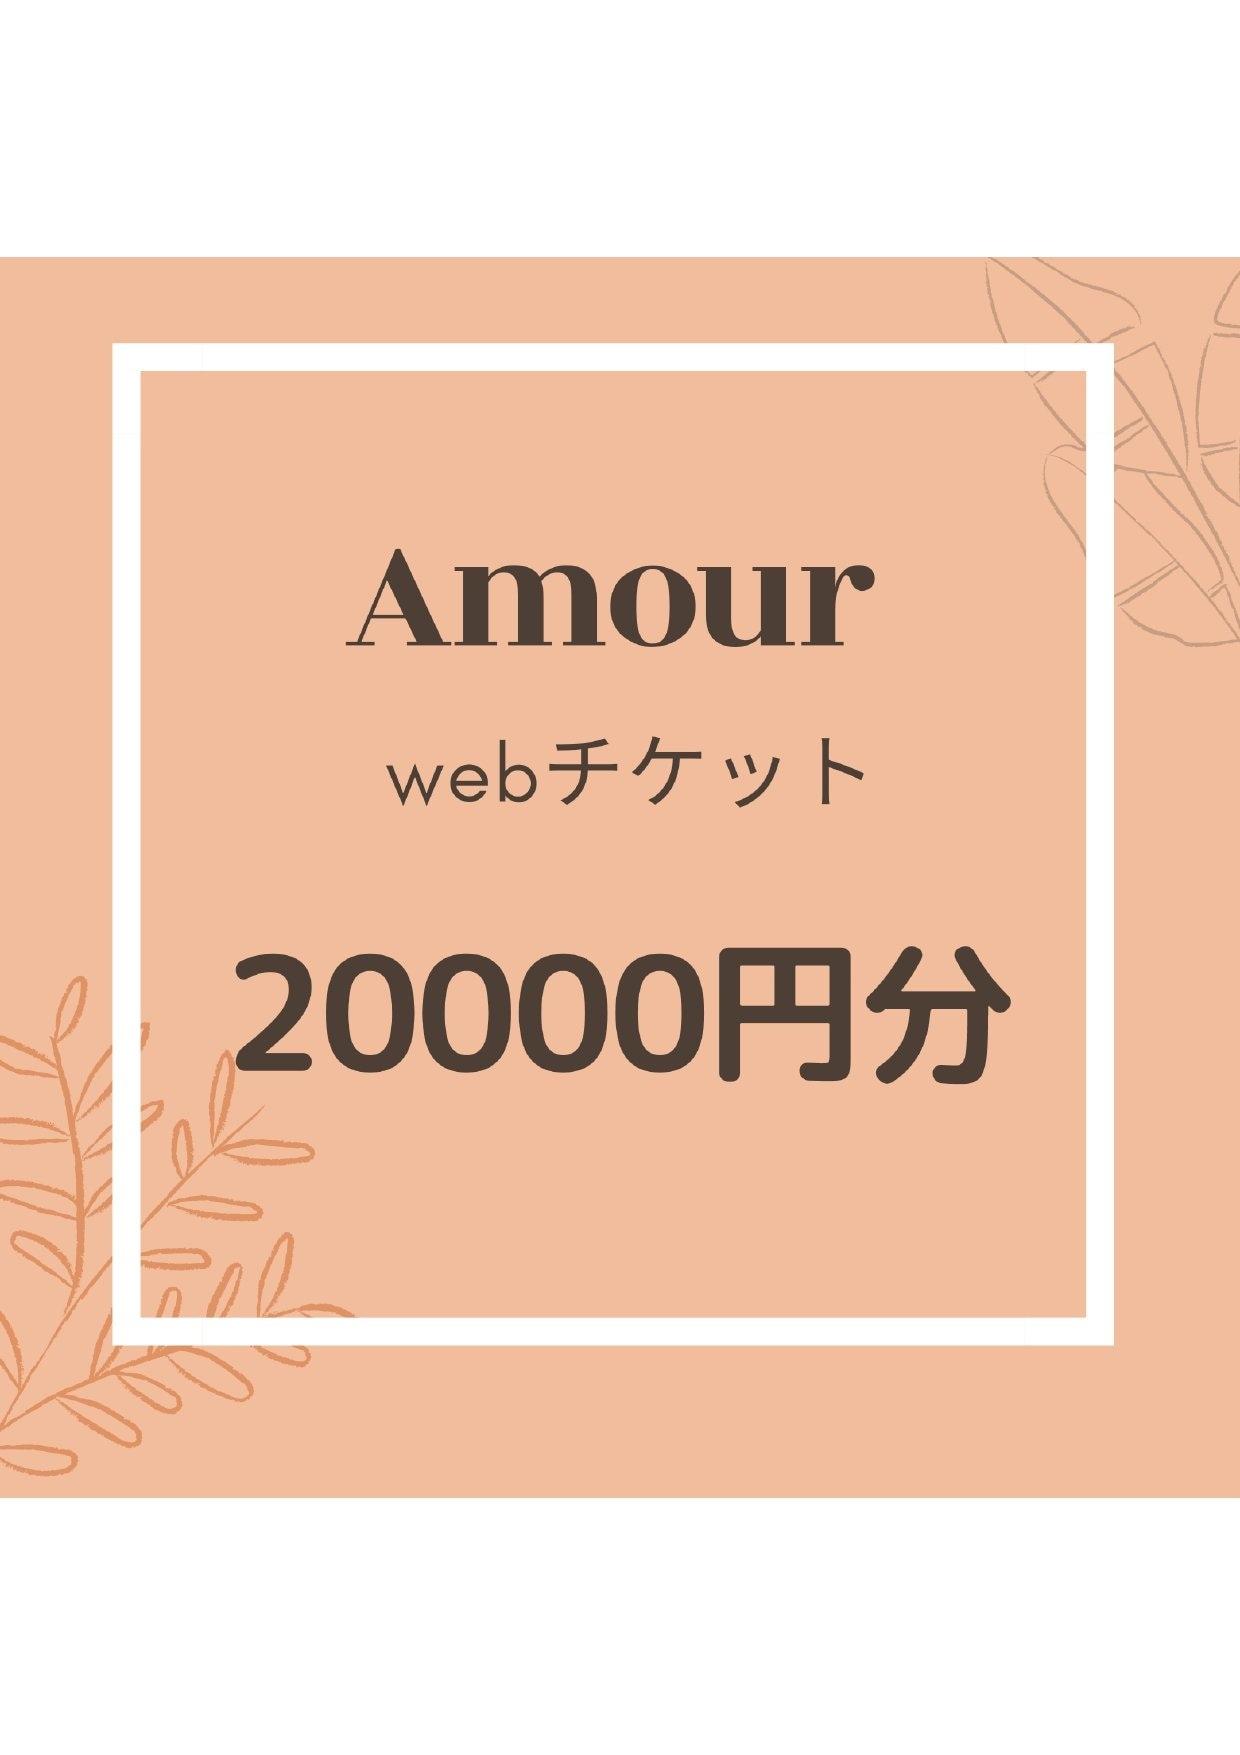 Amour20000円Webチケットのイメージその1